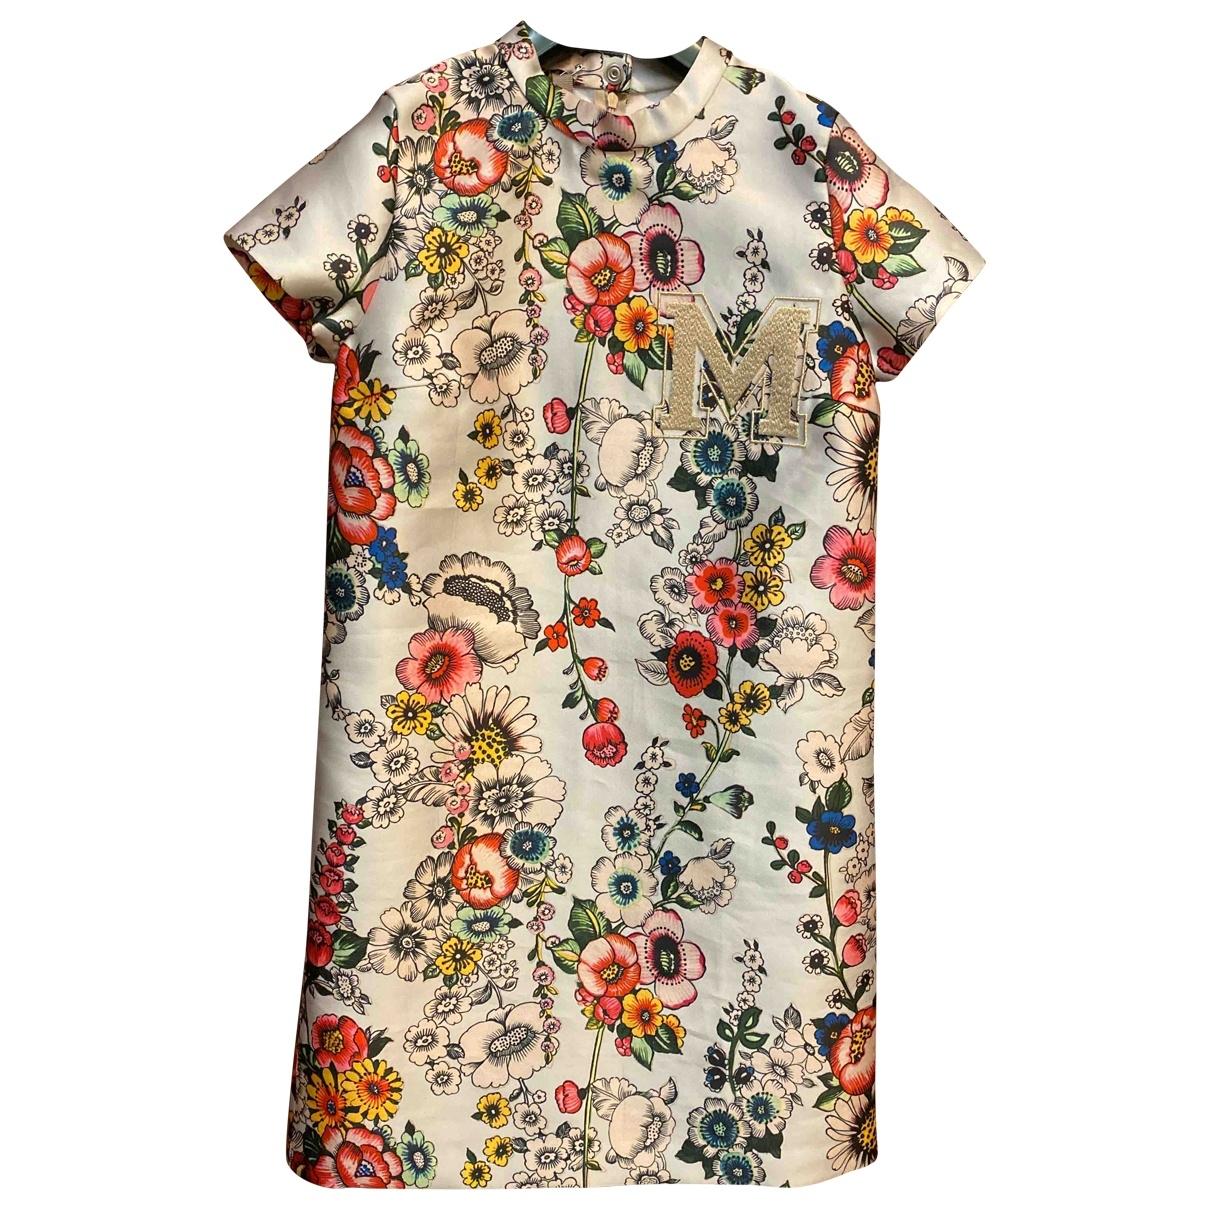 Mrz \N dress for Women S International